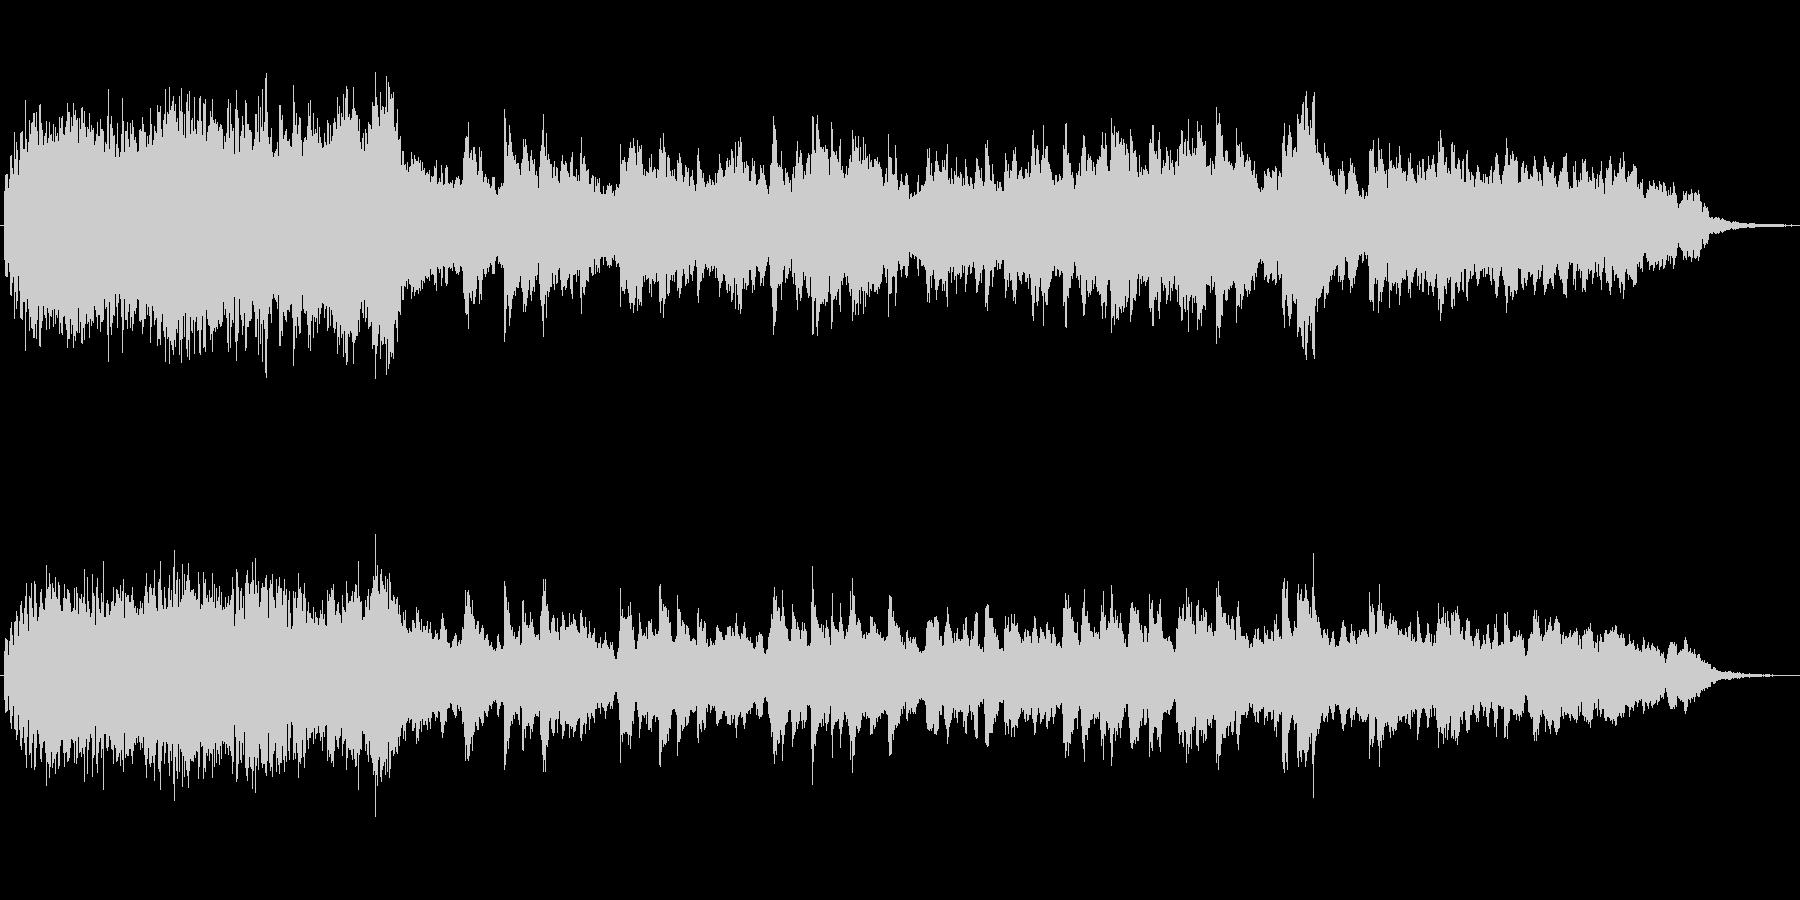 フルートとピアノのメルヘンなBGMの未再生の波形